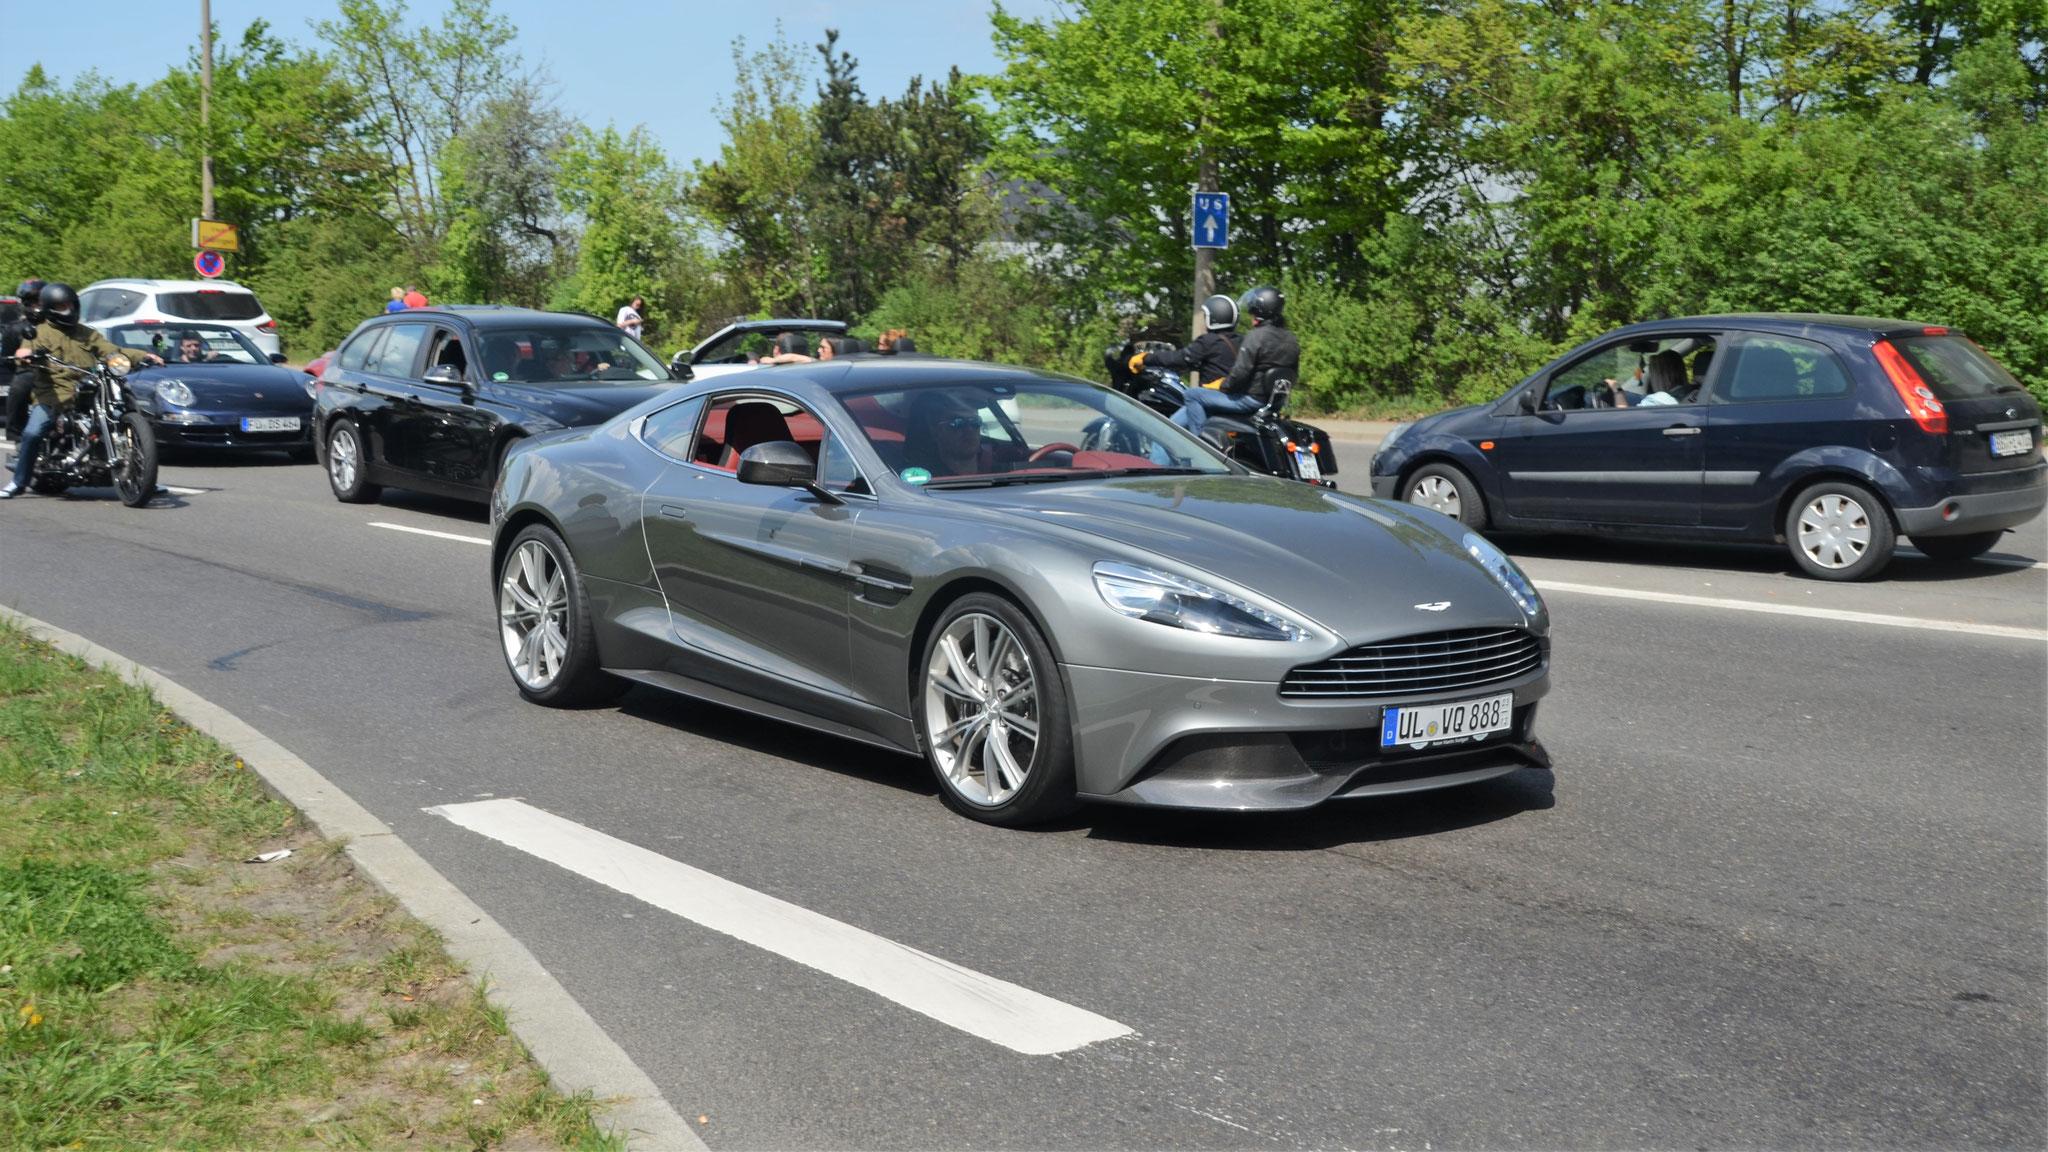 Aston Martin Vanquish - UL-VQ-888